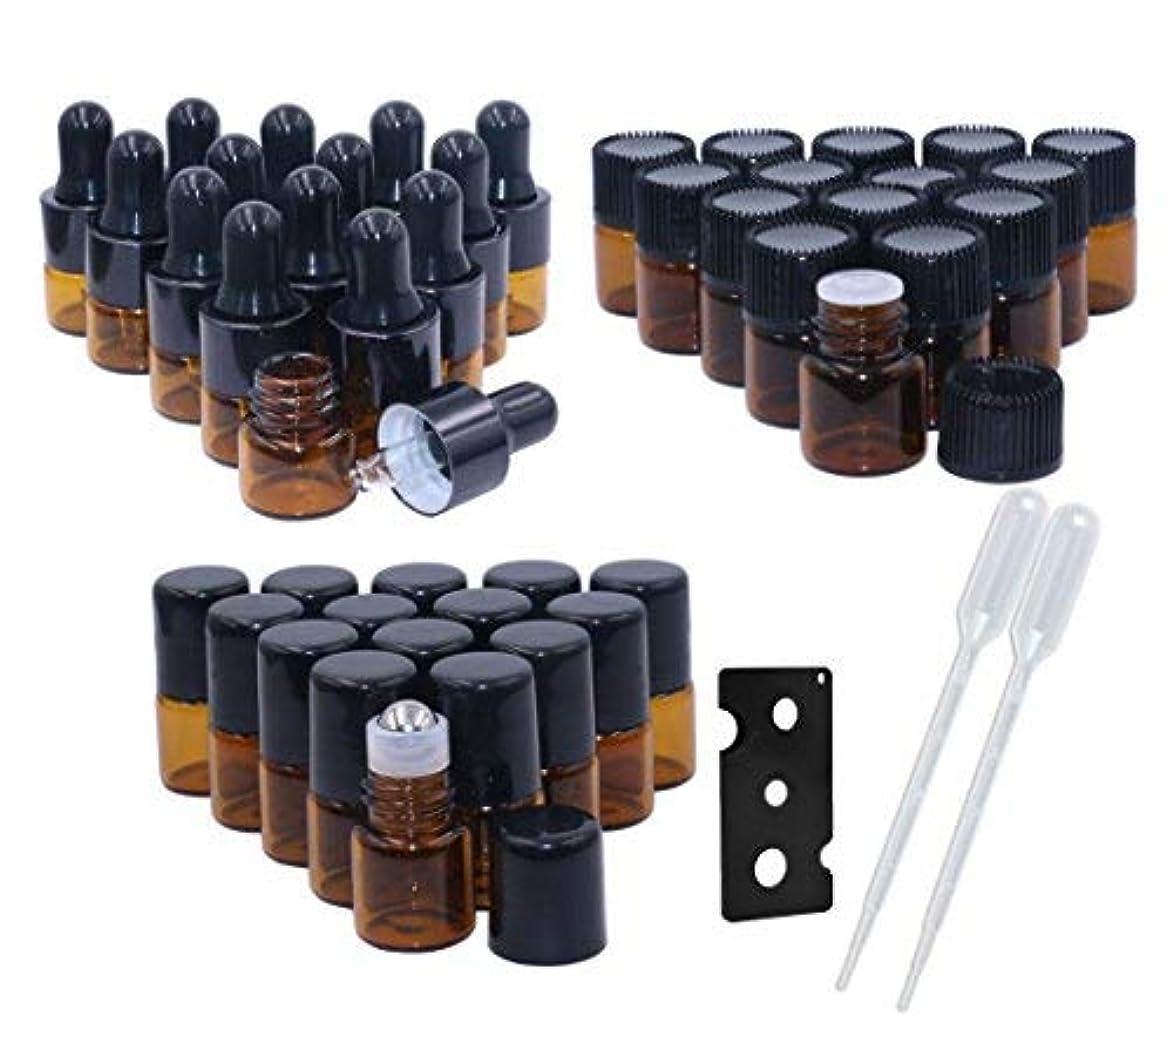 ナイトスポット読者方法Amber Glass Essential Oil Bottles,1ml(1/4 Dram) 15 Pack,Kit Included:Stainless Steel Roller Ball Bottles,Eye Dropper...